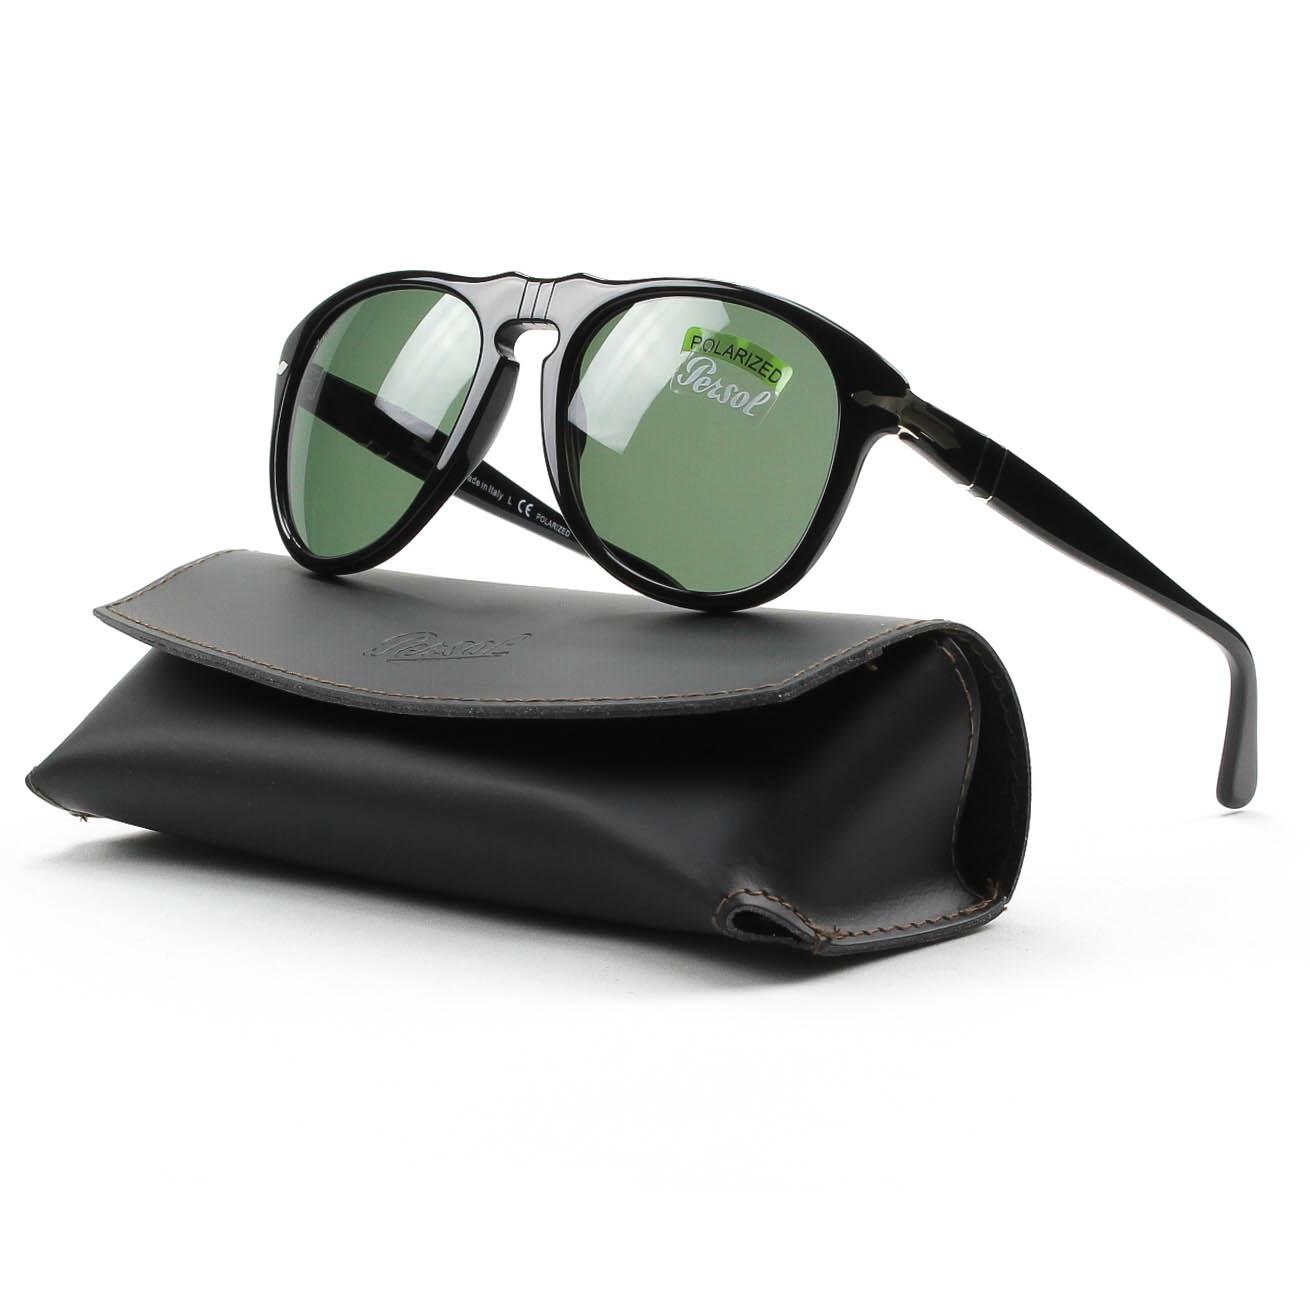 07d9d21e84 Persol Po0649 Sunglasses Blue Lens